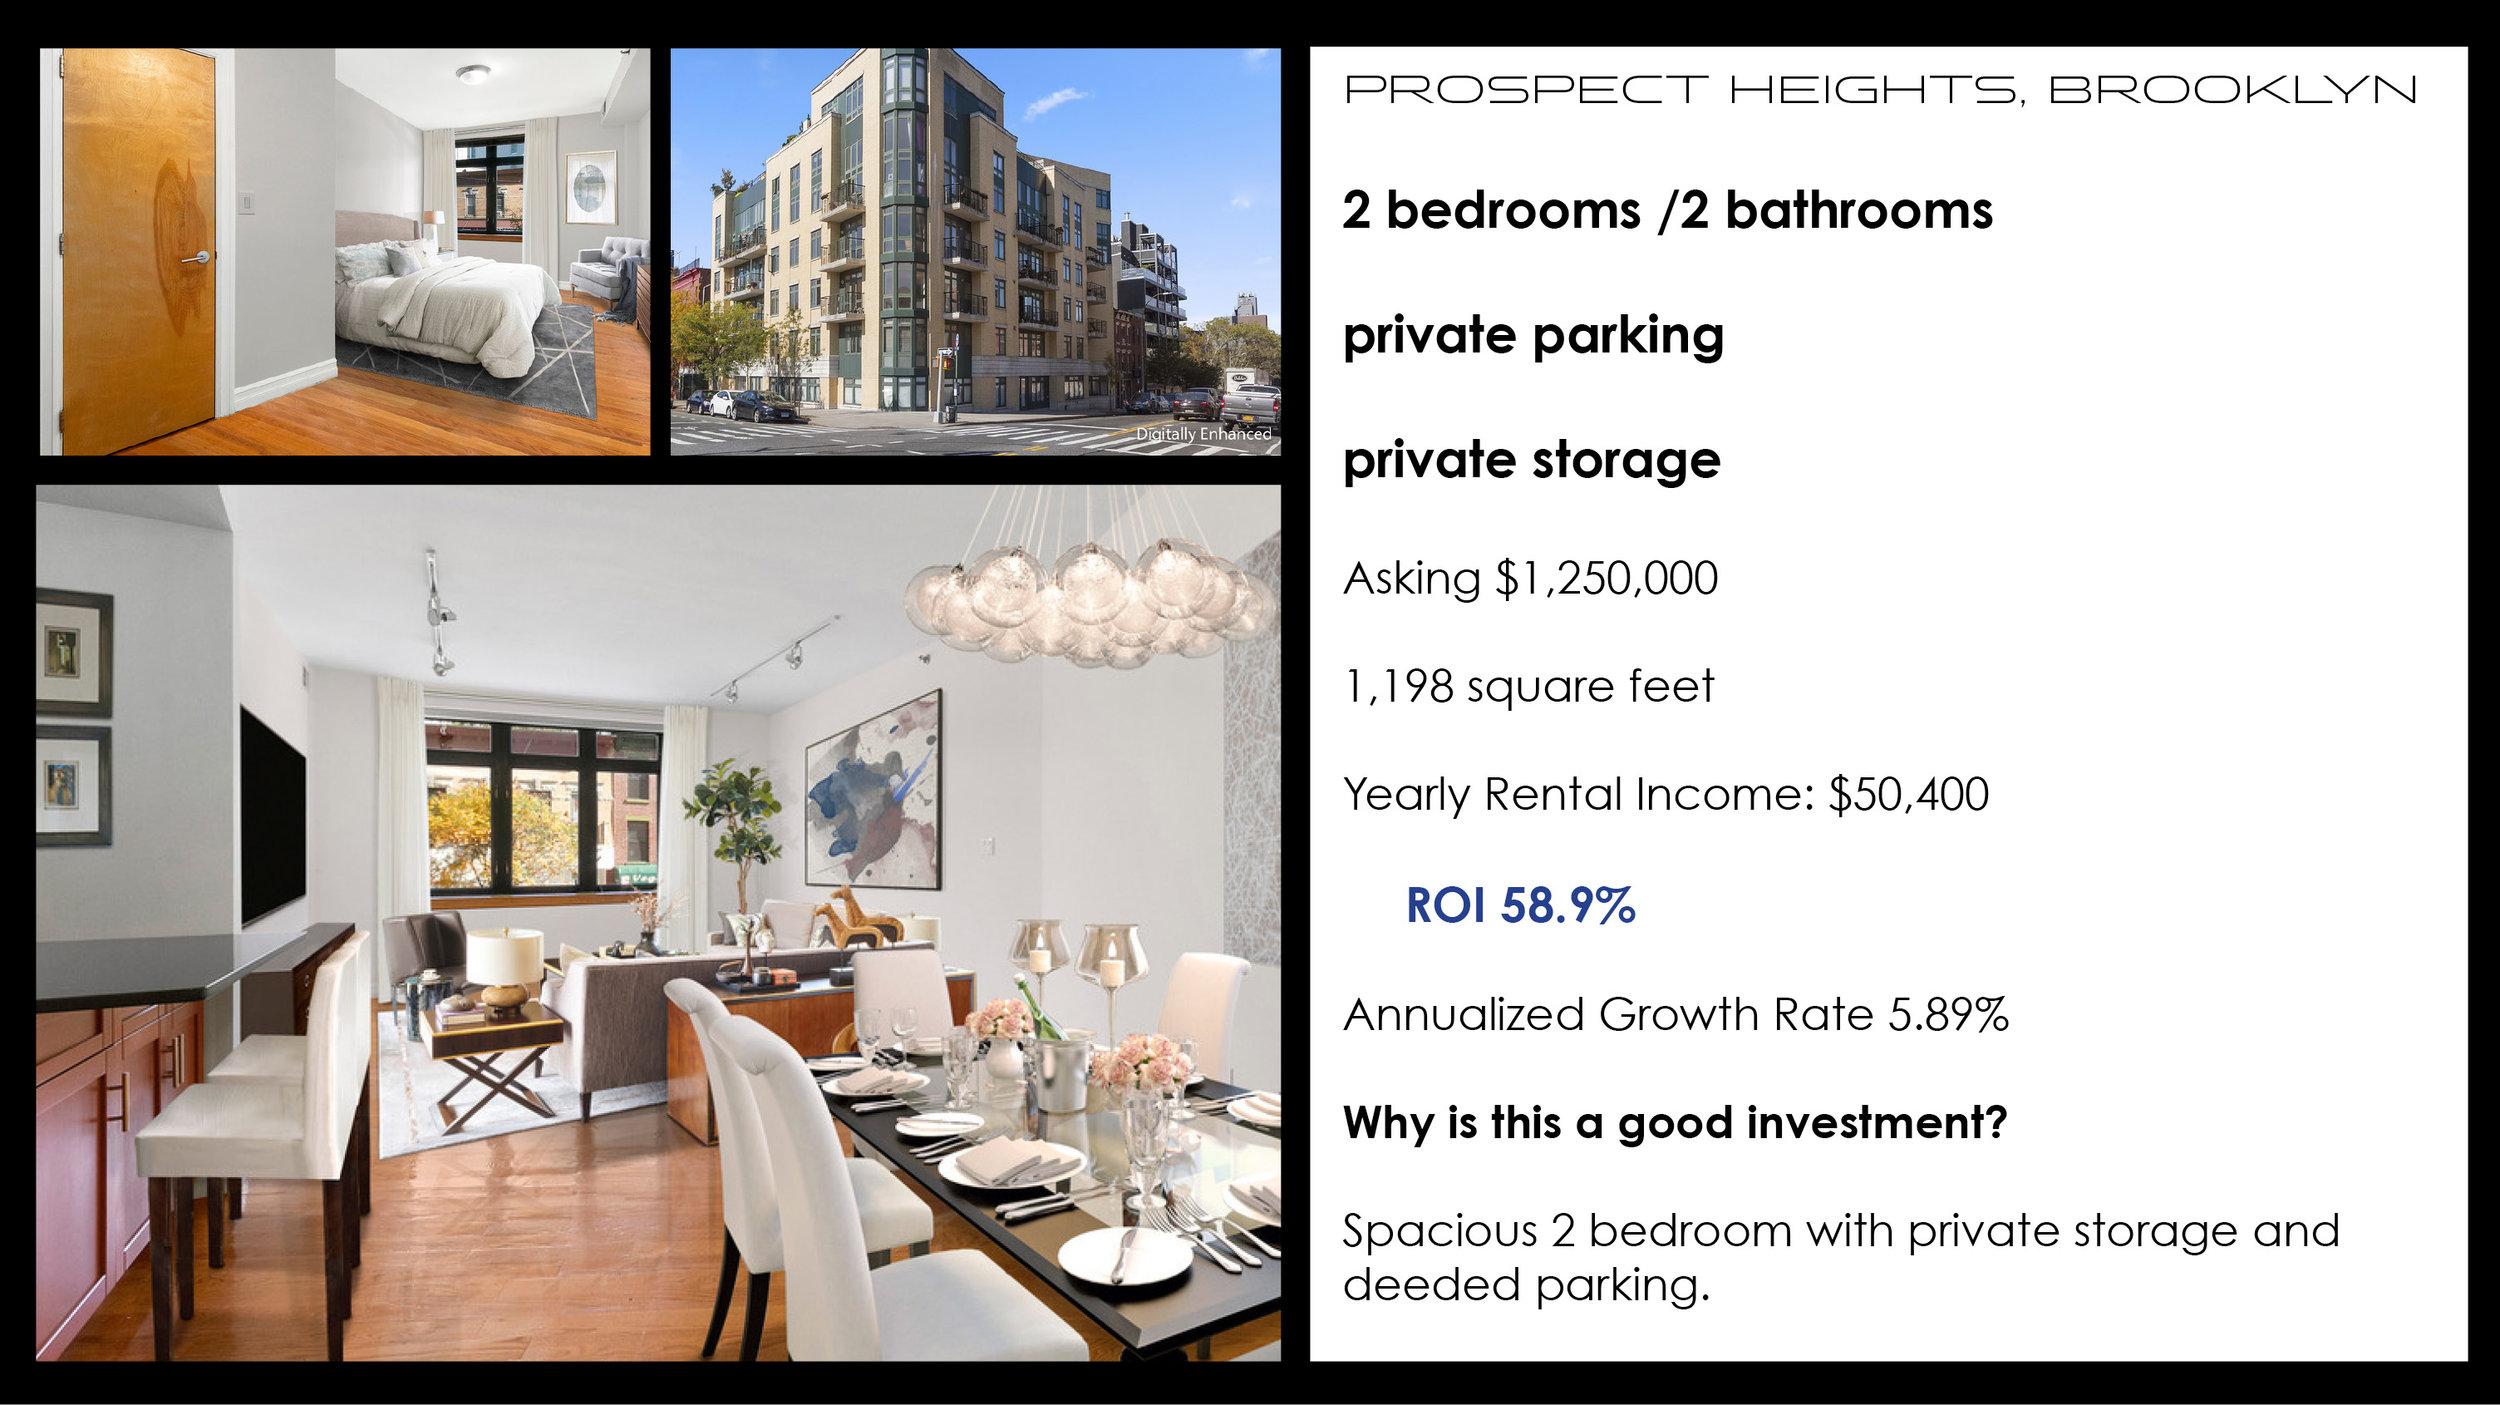 Investment Property Slides5.jpg